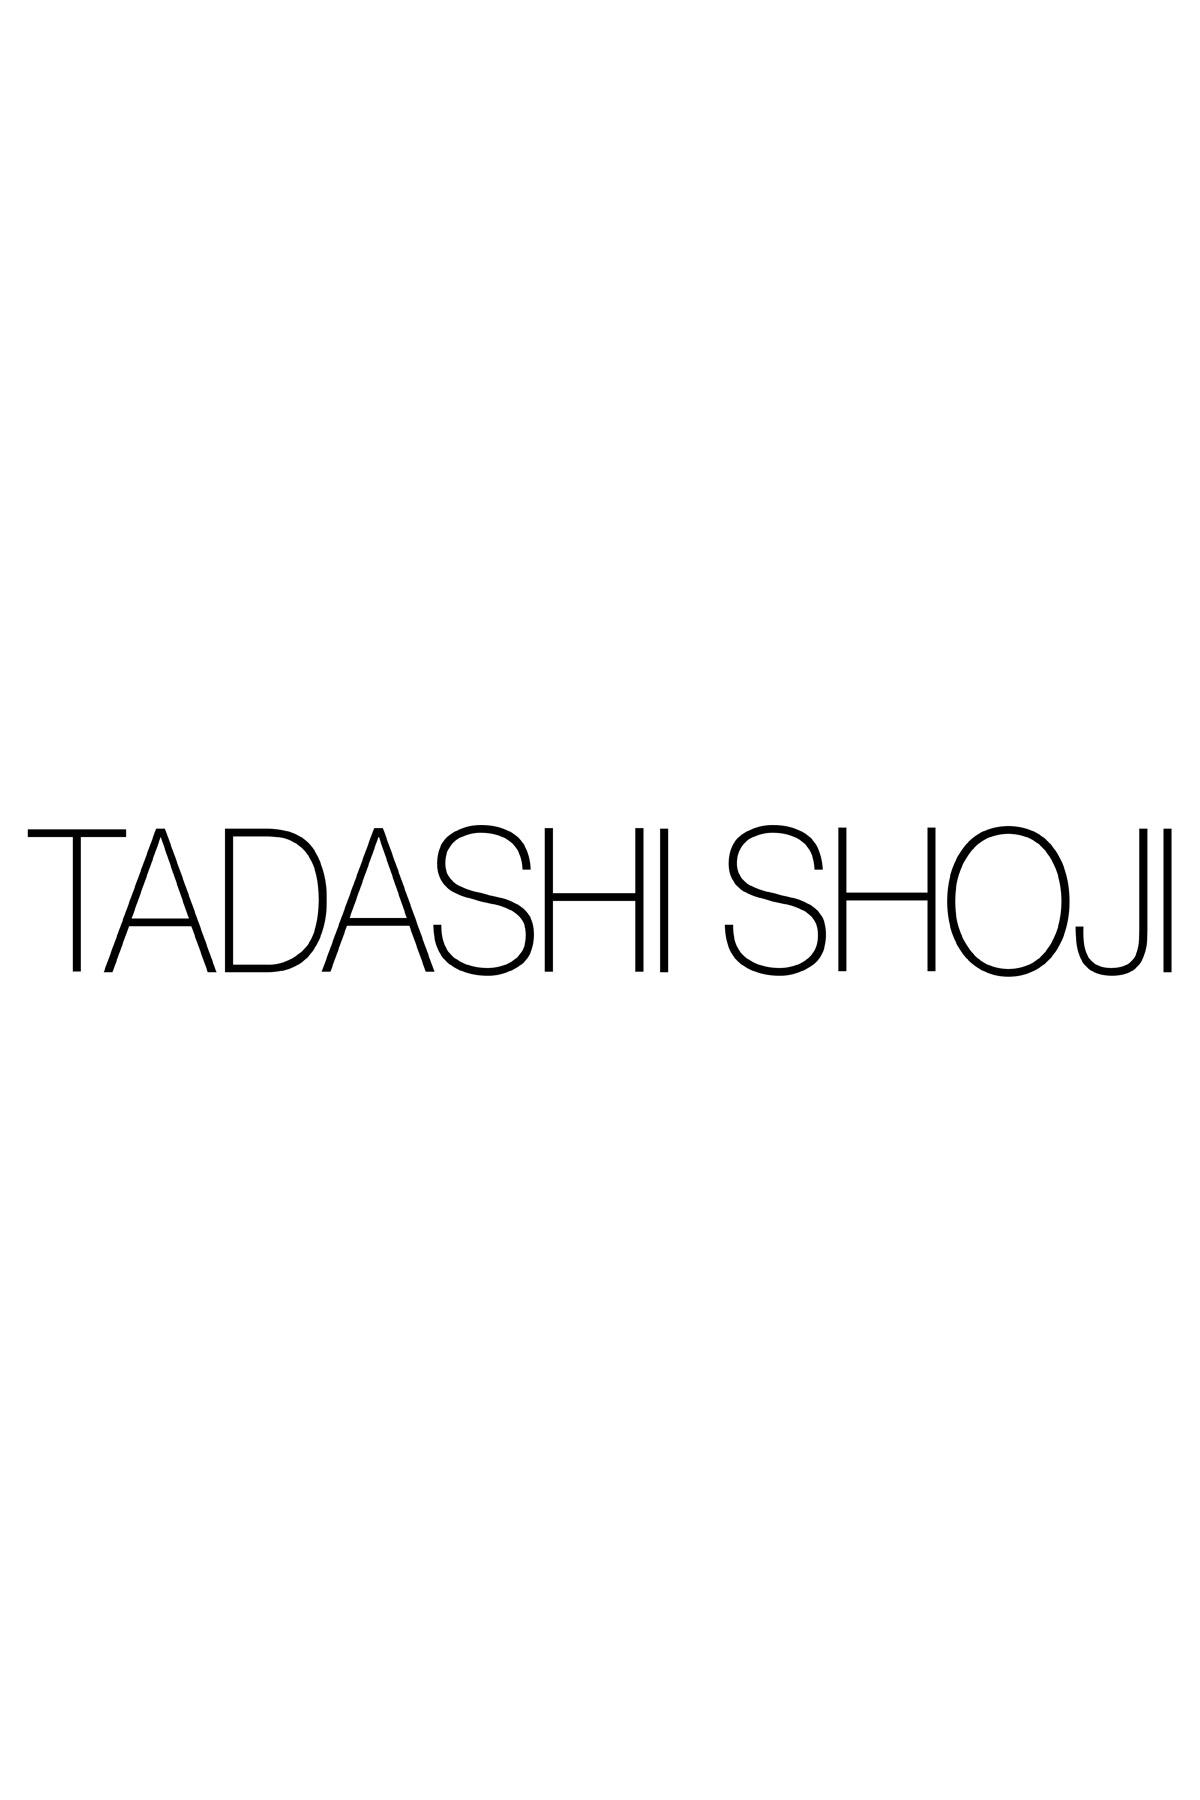 Stretch Crepe Floor Length Skirt | Tadashi Shoji